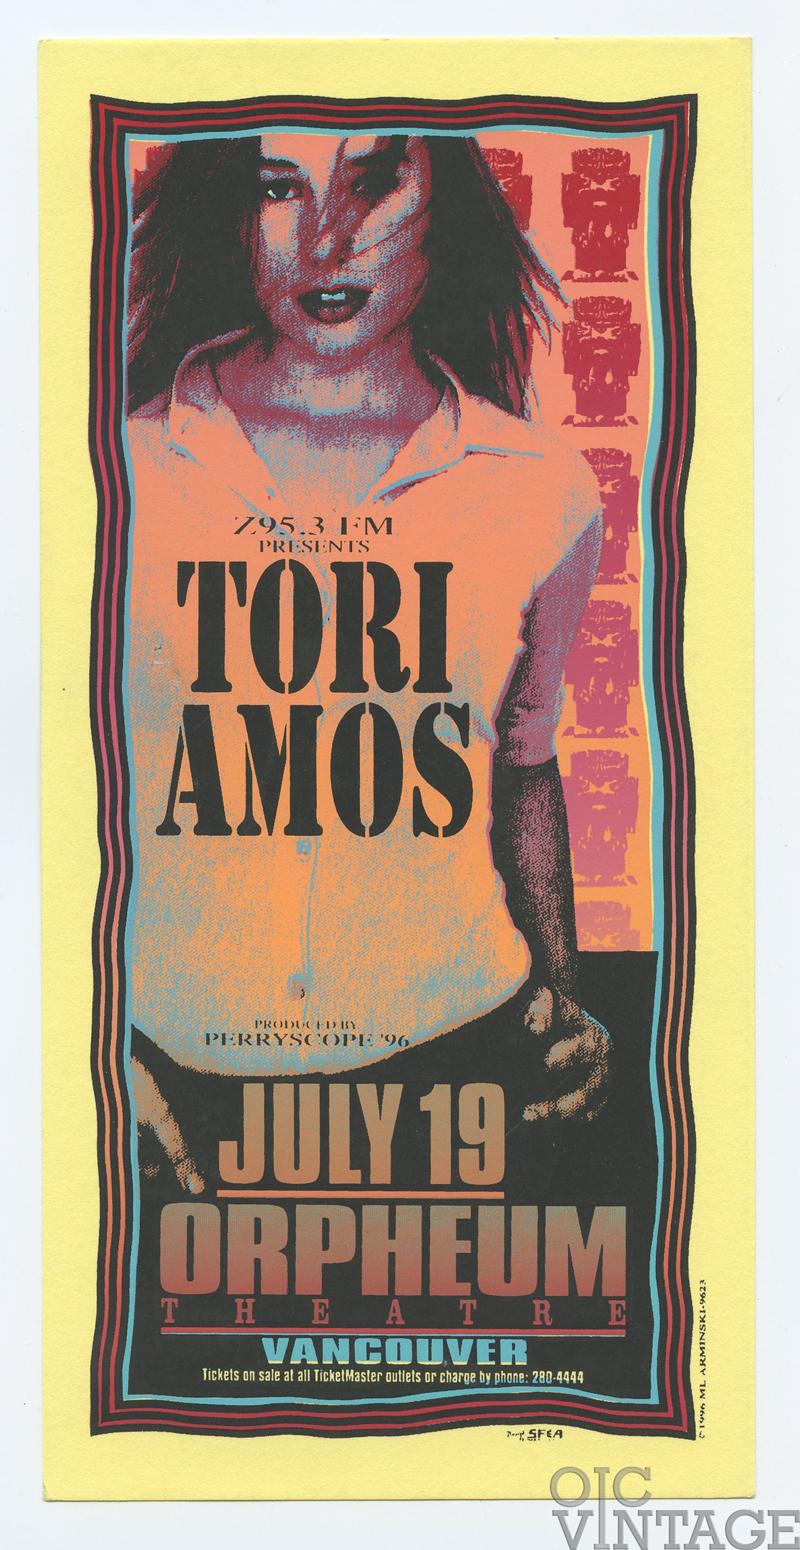 Tori Amos Handbill 1996 Jul 19 Orpheum Theatre